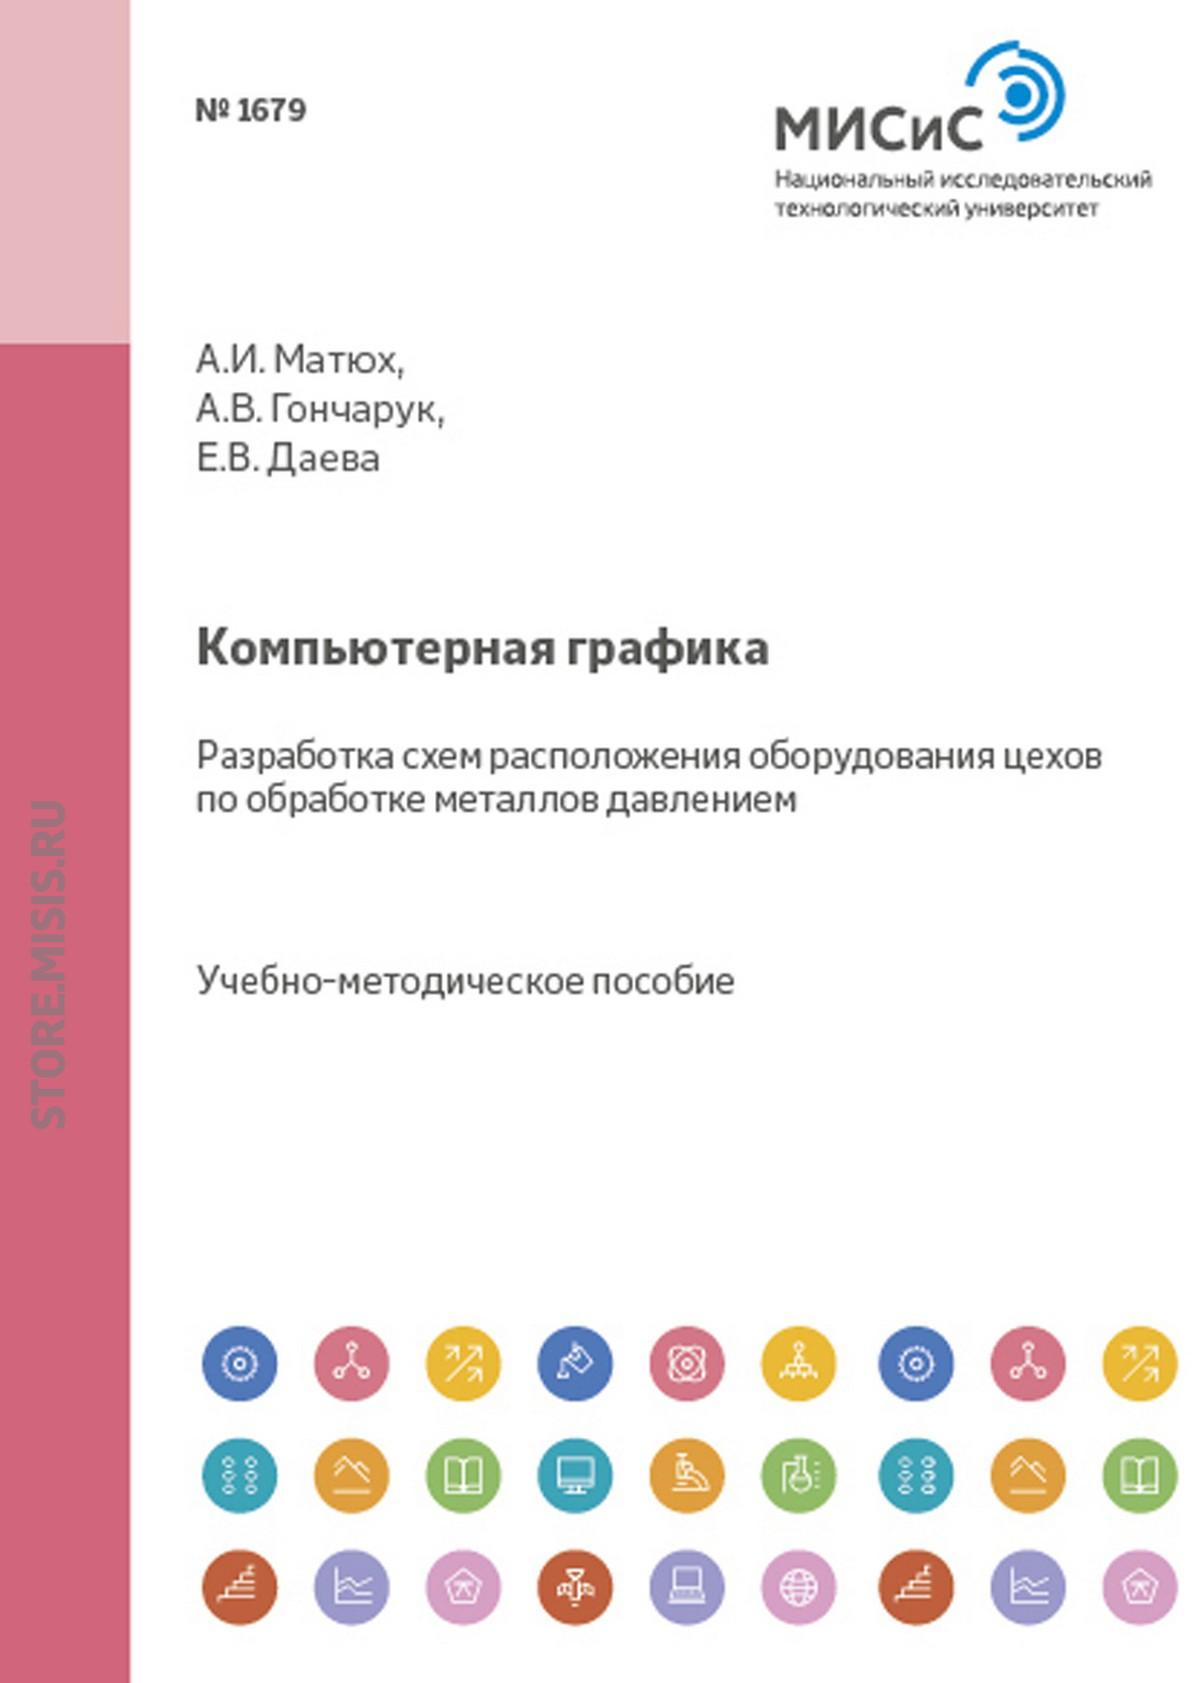 Александр Гончарук Компьютерная графика. Разработка схем расположения оборудования цехов по обработке металлов давлением цена